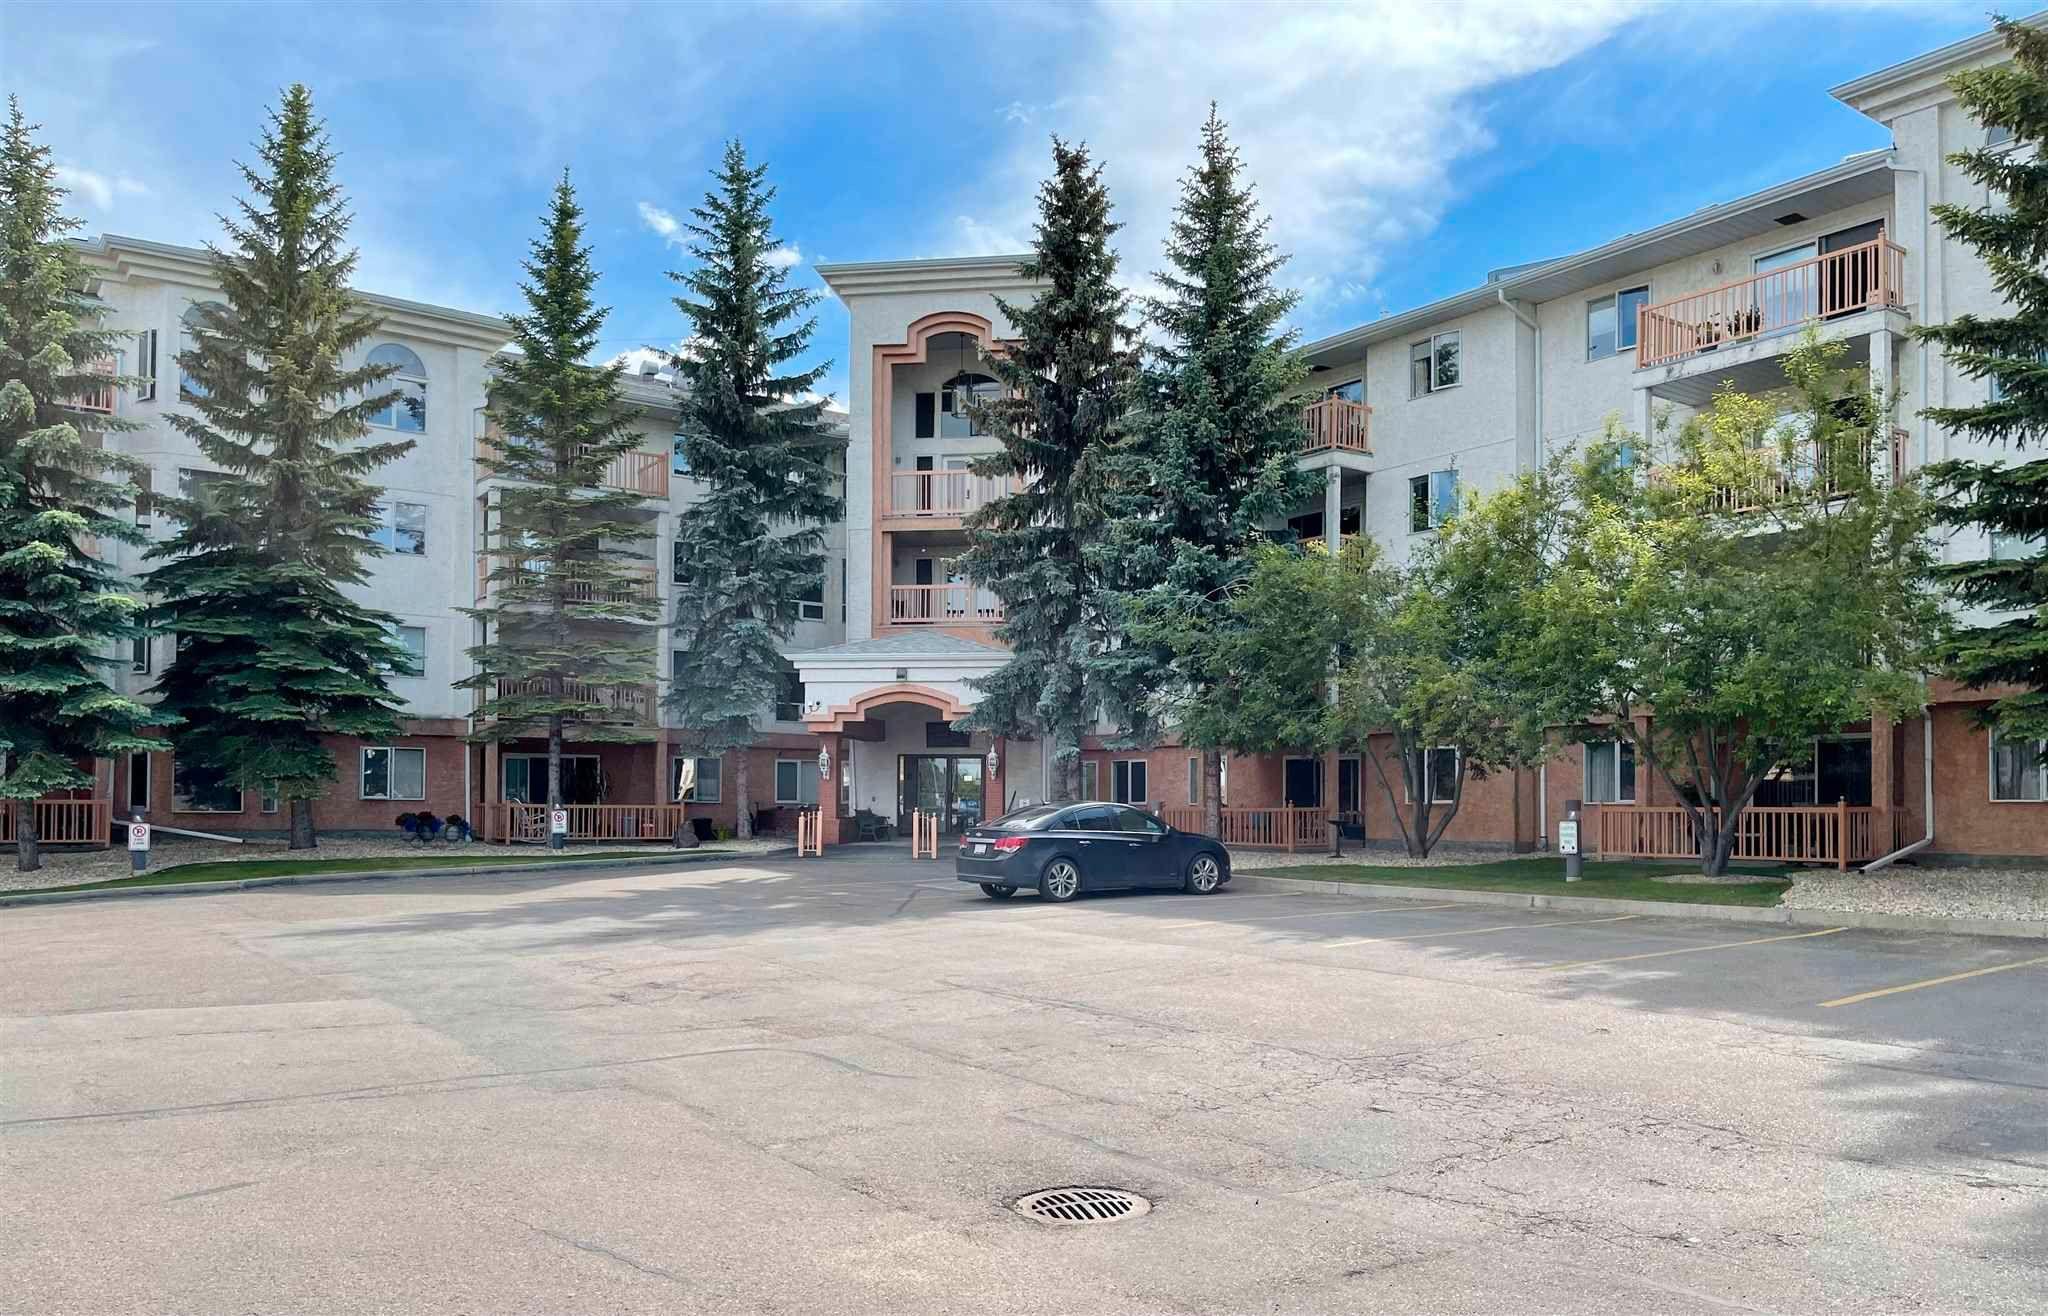 Main Photo: 401 10915 21 Avenue in Edmonton: Zone 16 Condo for sale : MLS®# E4249968